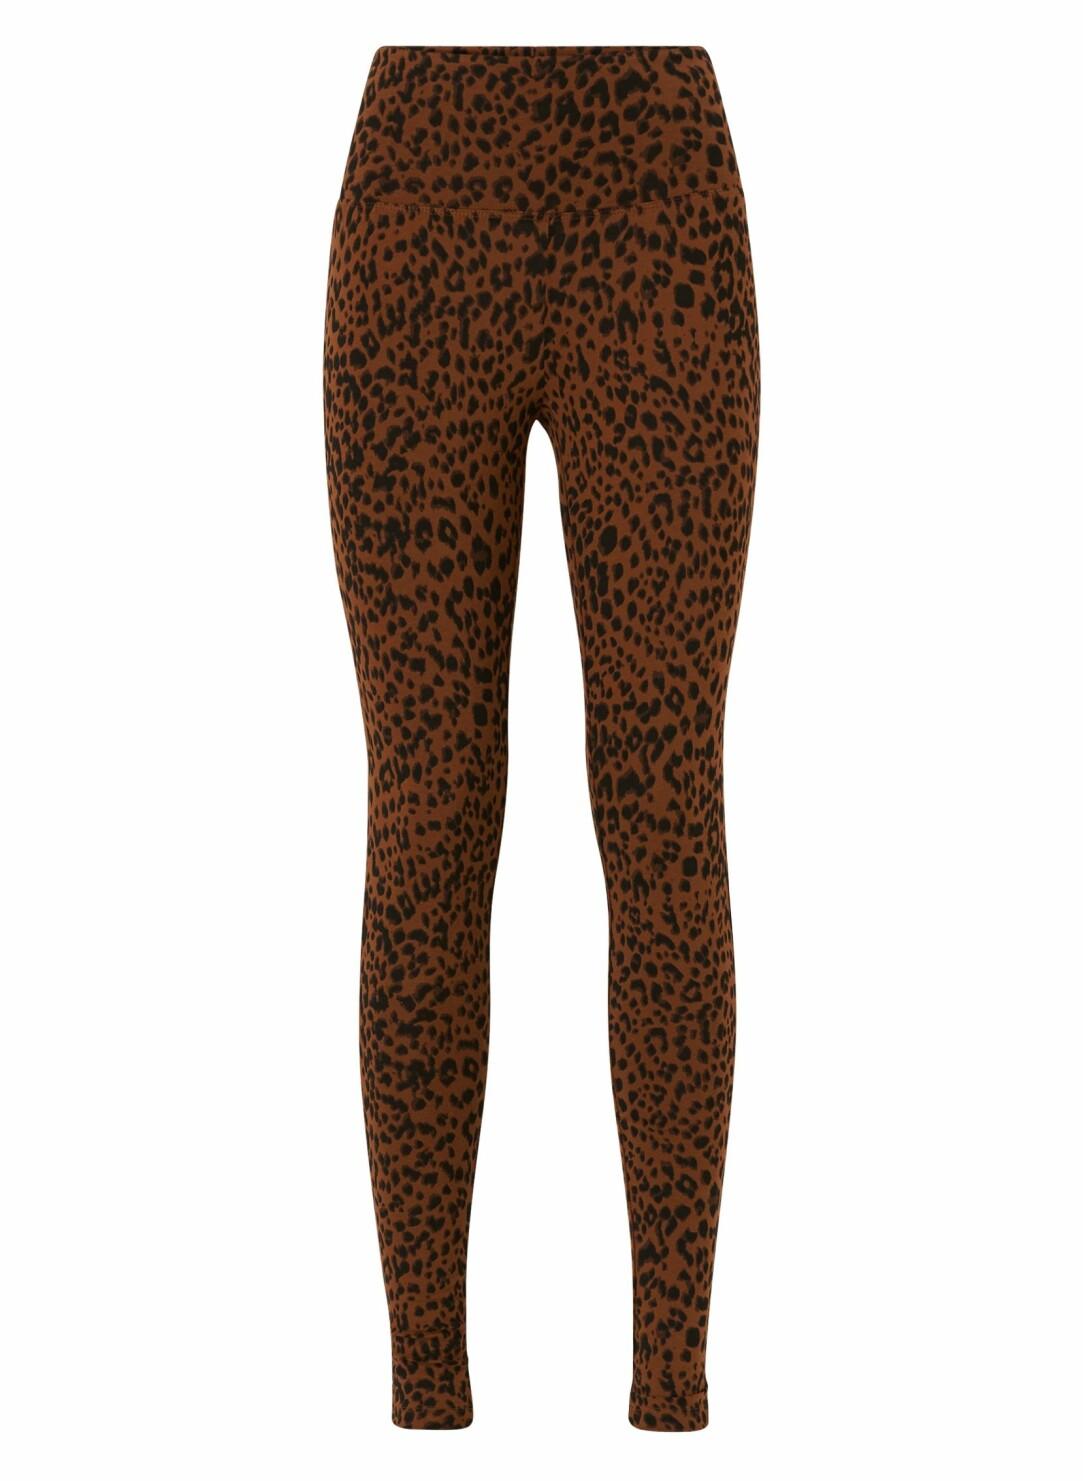 Leopardmönstrade leggings.